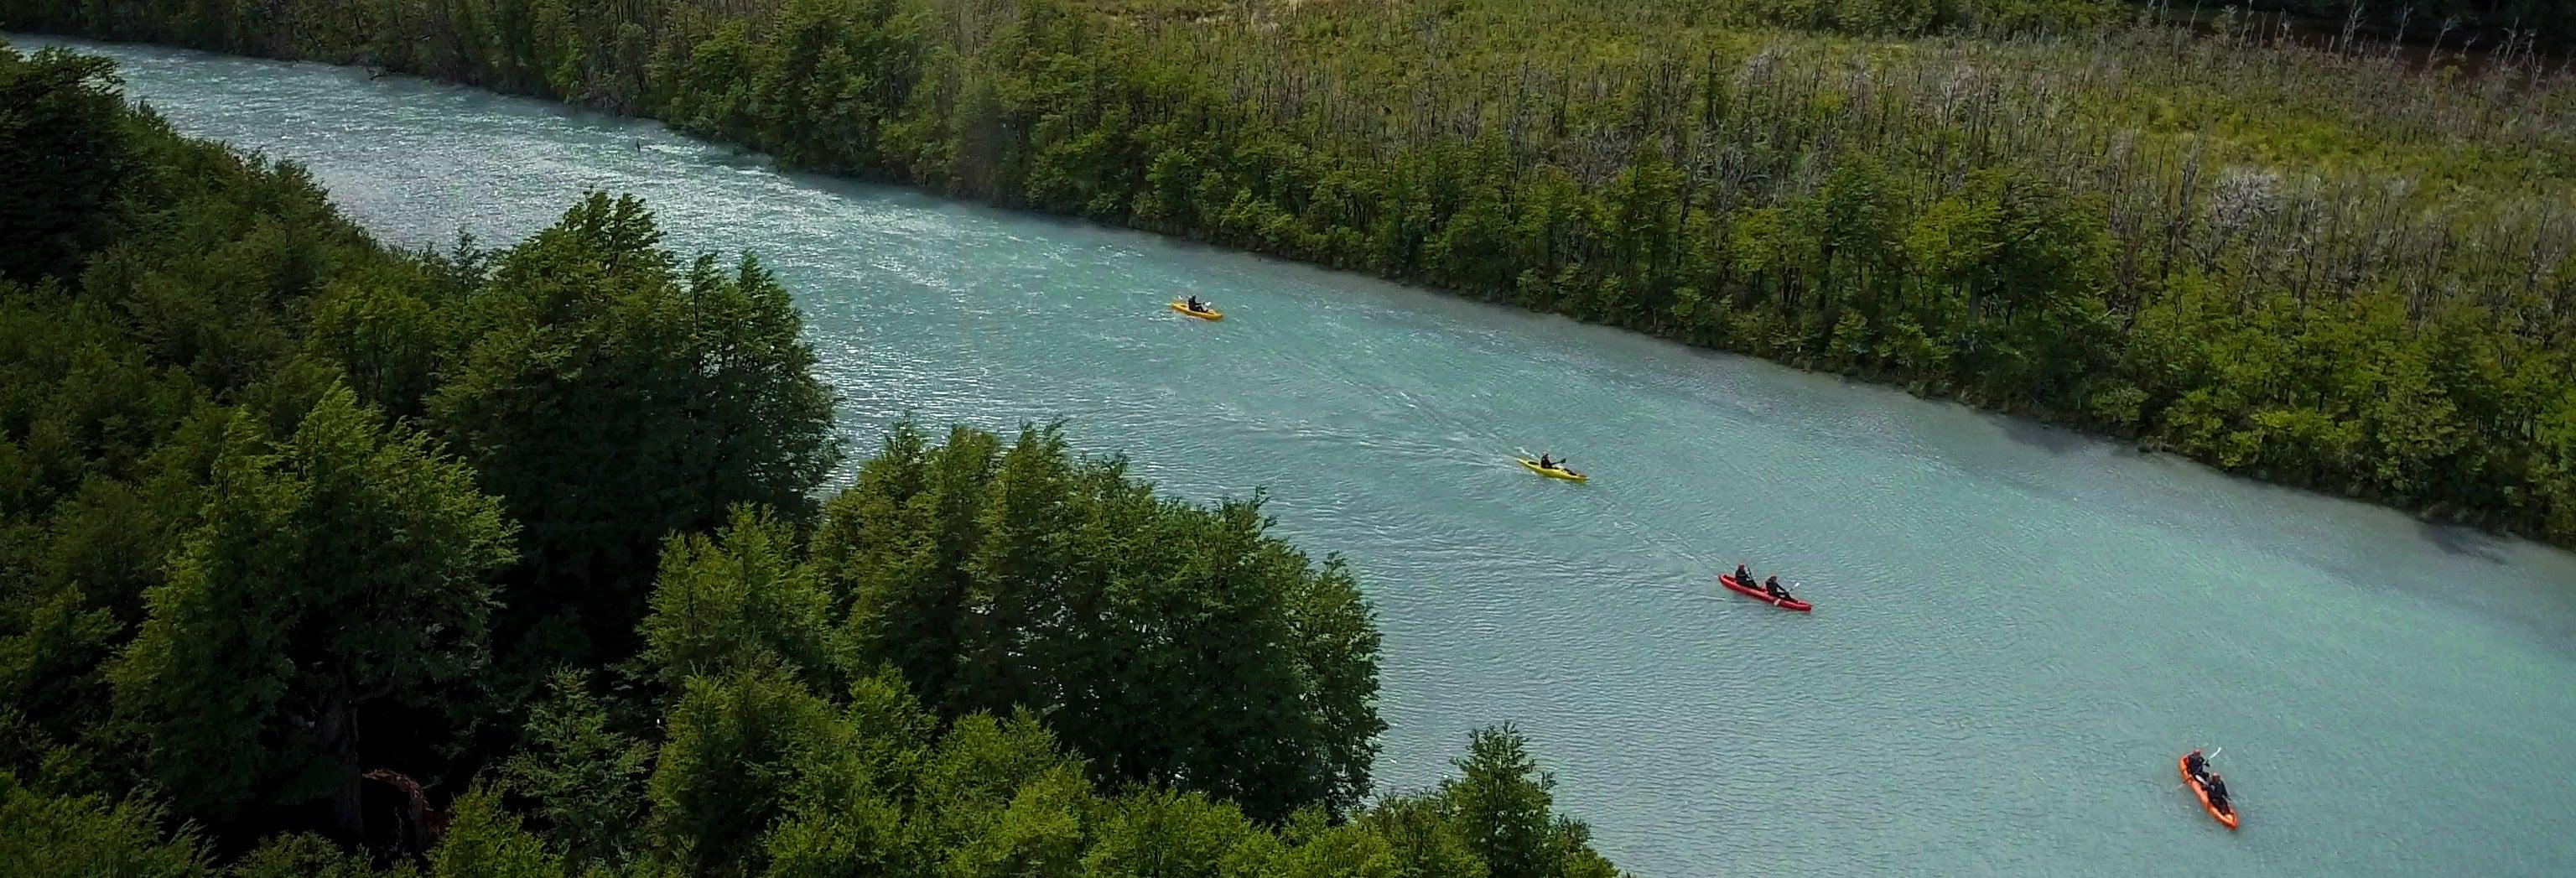 Tour del Río de las Vueltas in kayak